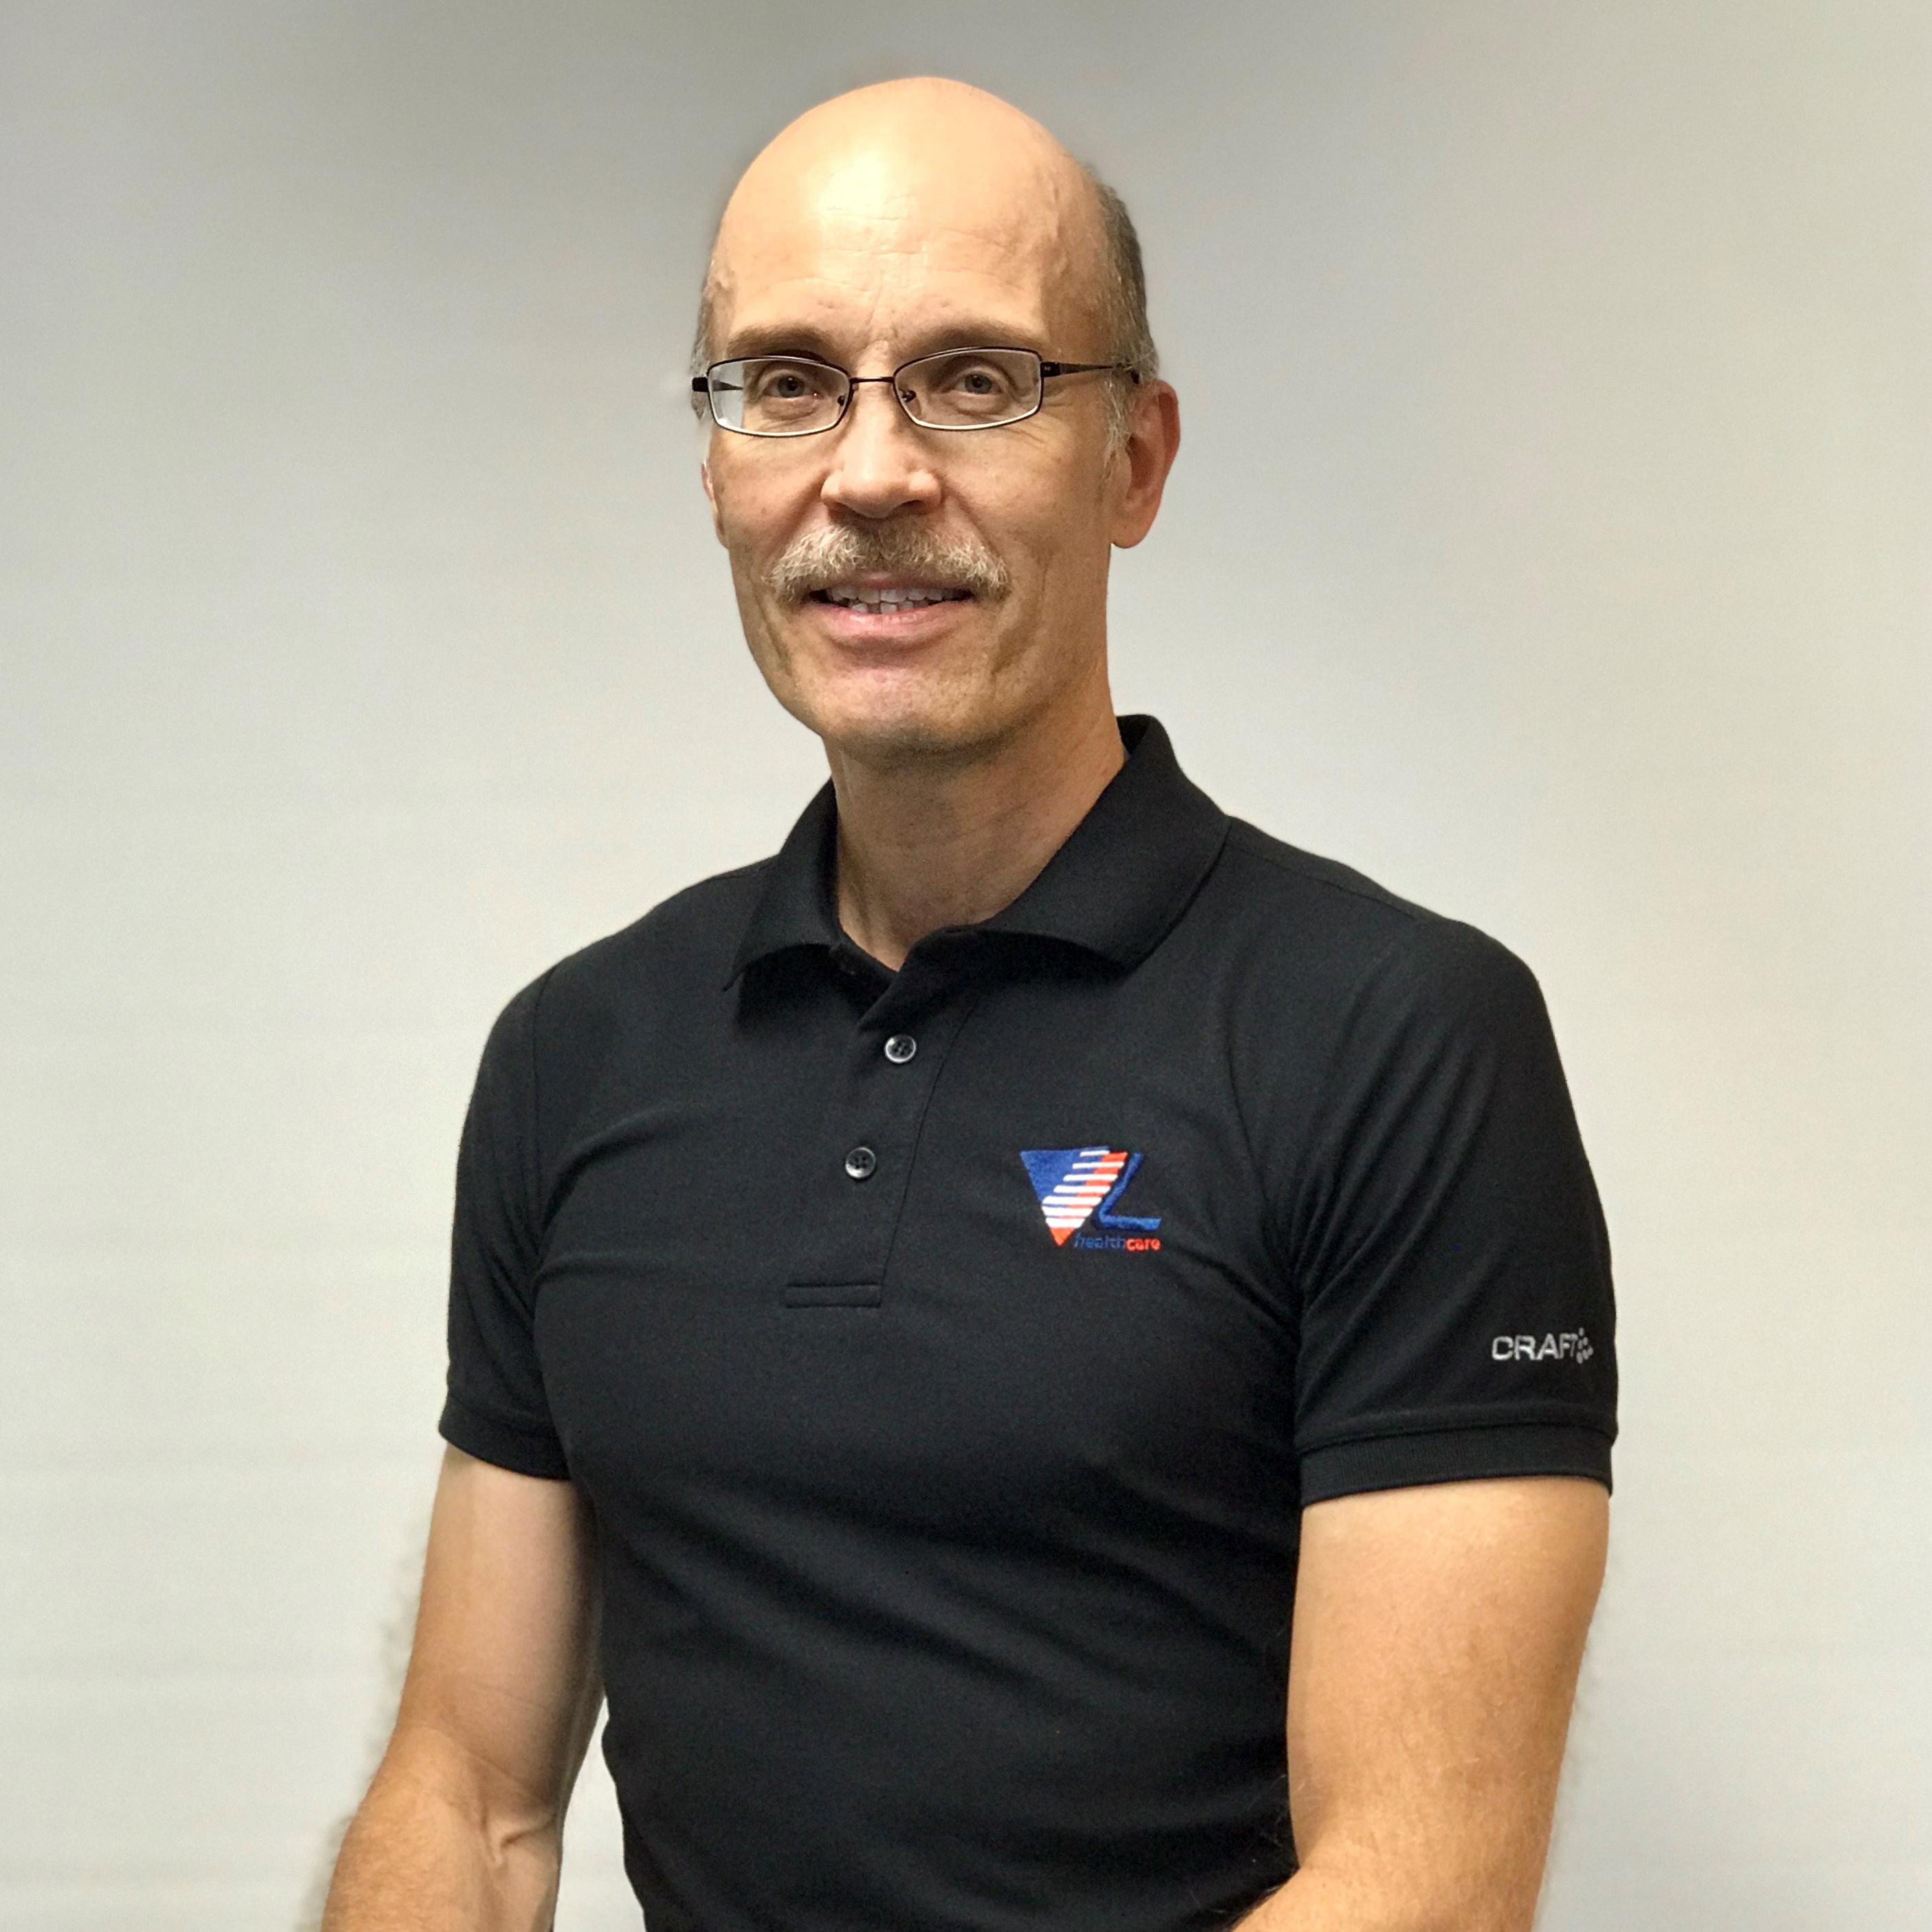 Juha Takkinen